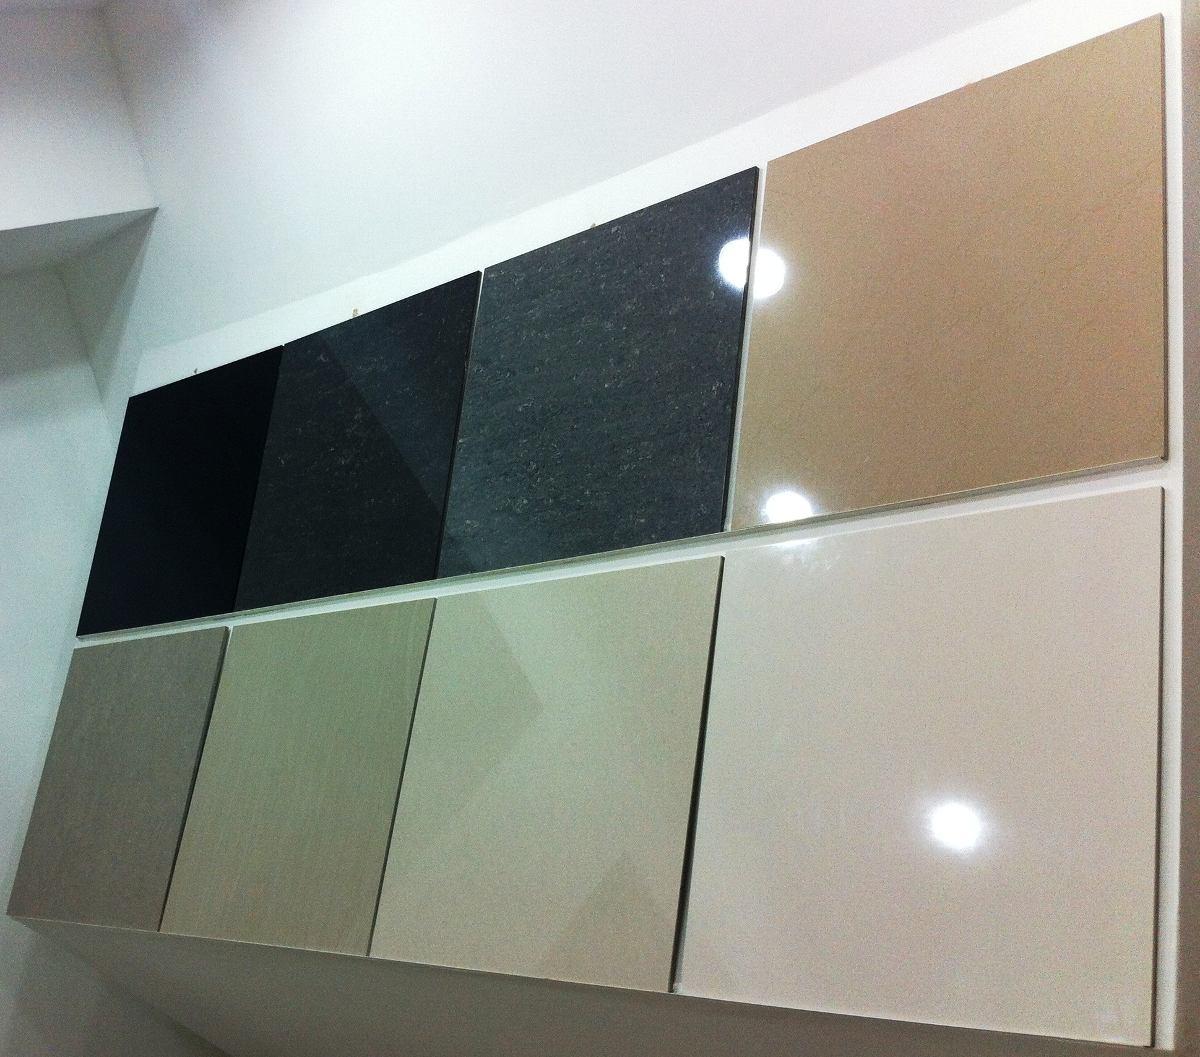 Porcelanato negro 60x60 pulido y rectificado x mt2 bs for Porcelanato rectificado